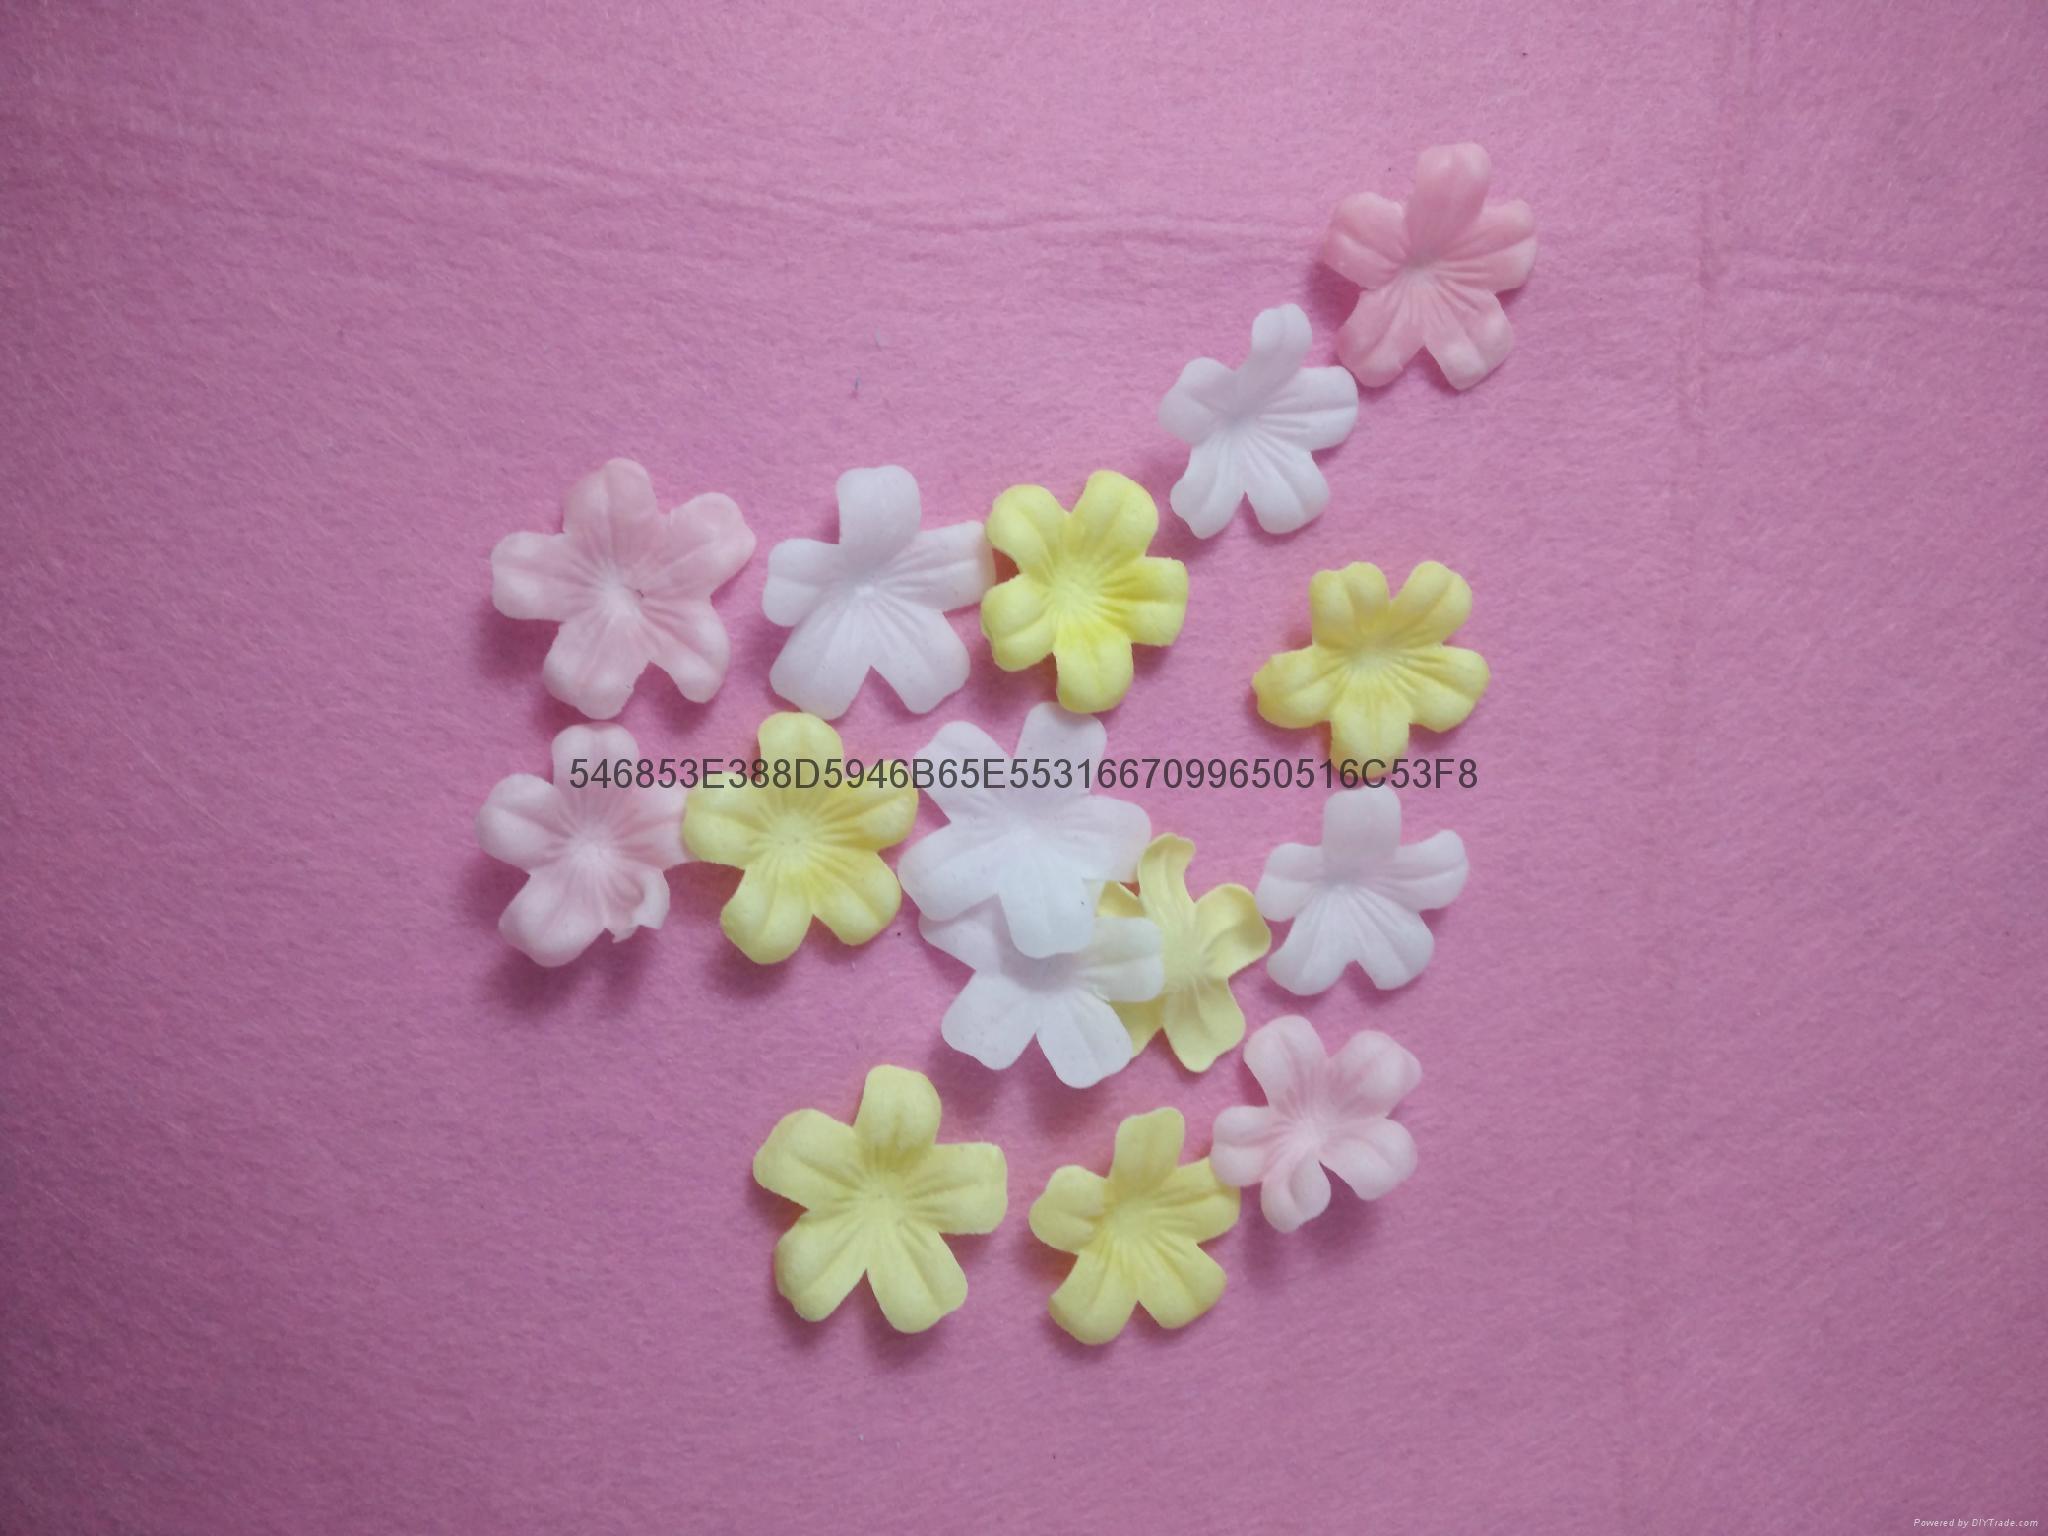 纸香皂沐浴小花瓣皂片 1